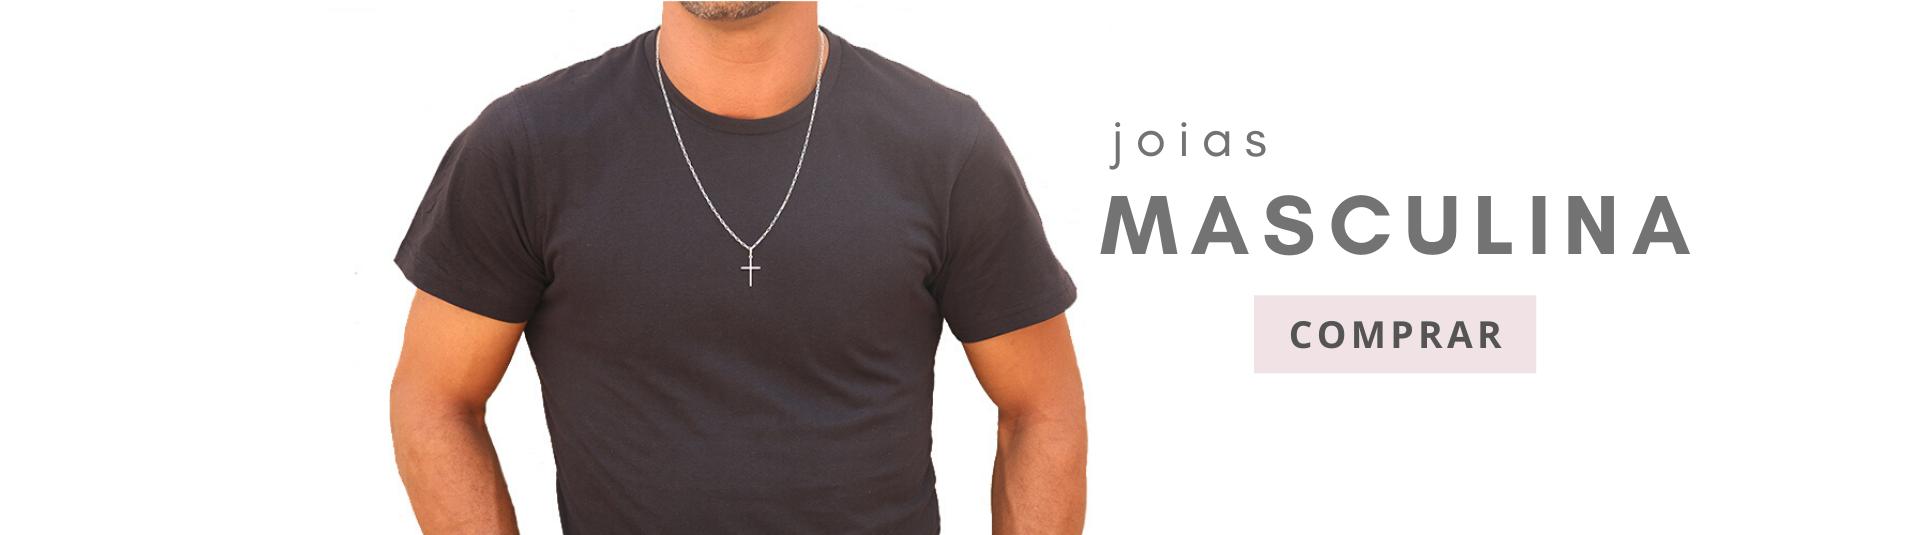 joias masculina